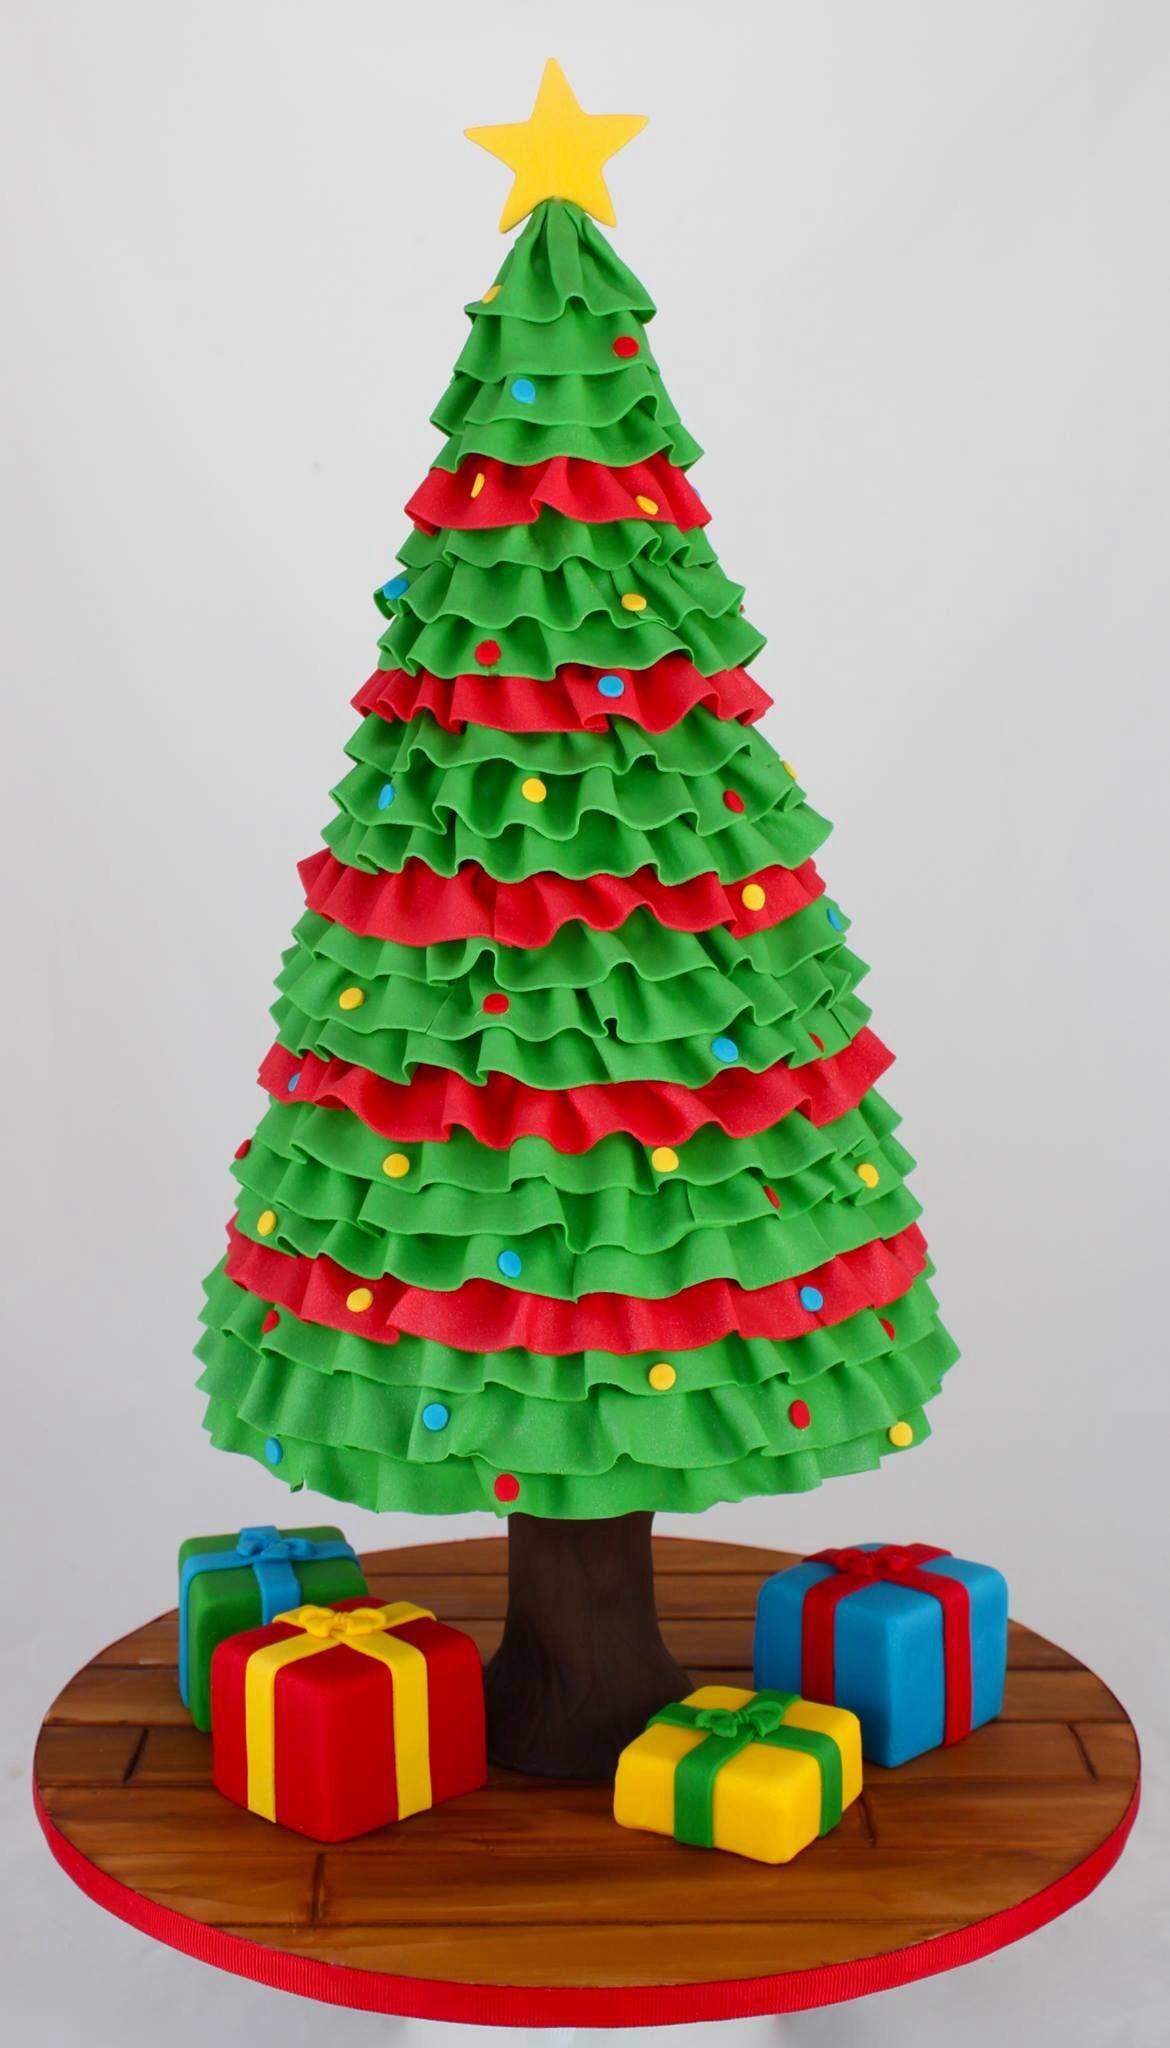 Amazing Christmas Cakes  Amazing Christmas Tree Cake Modelage